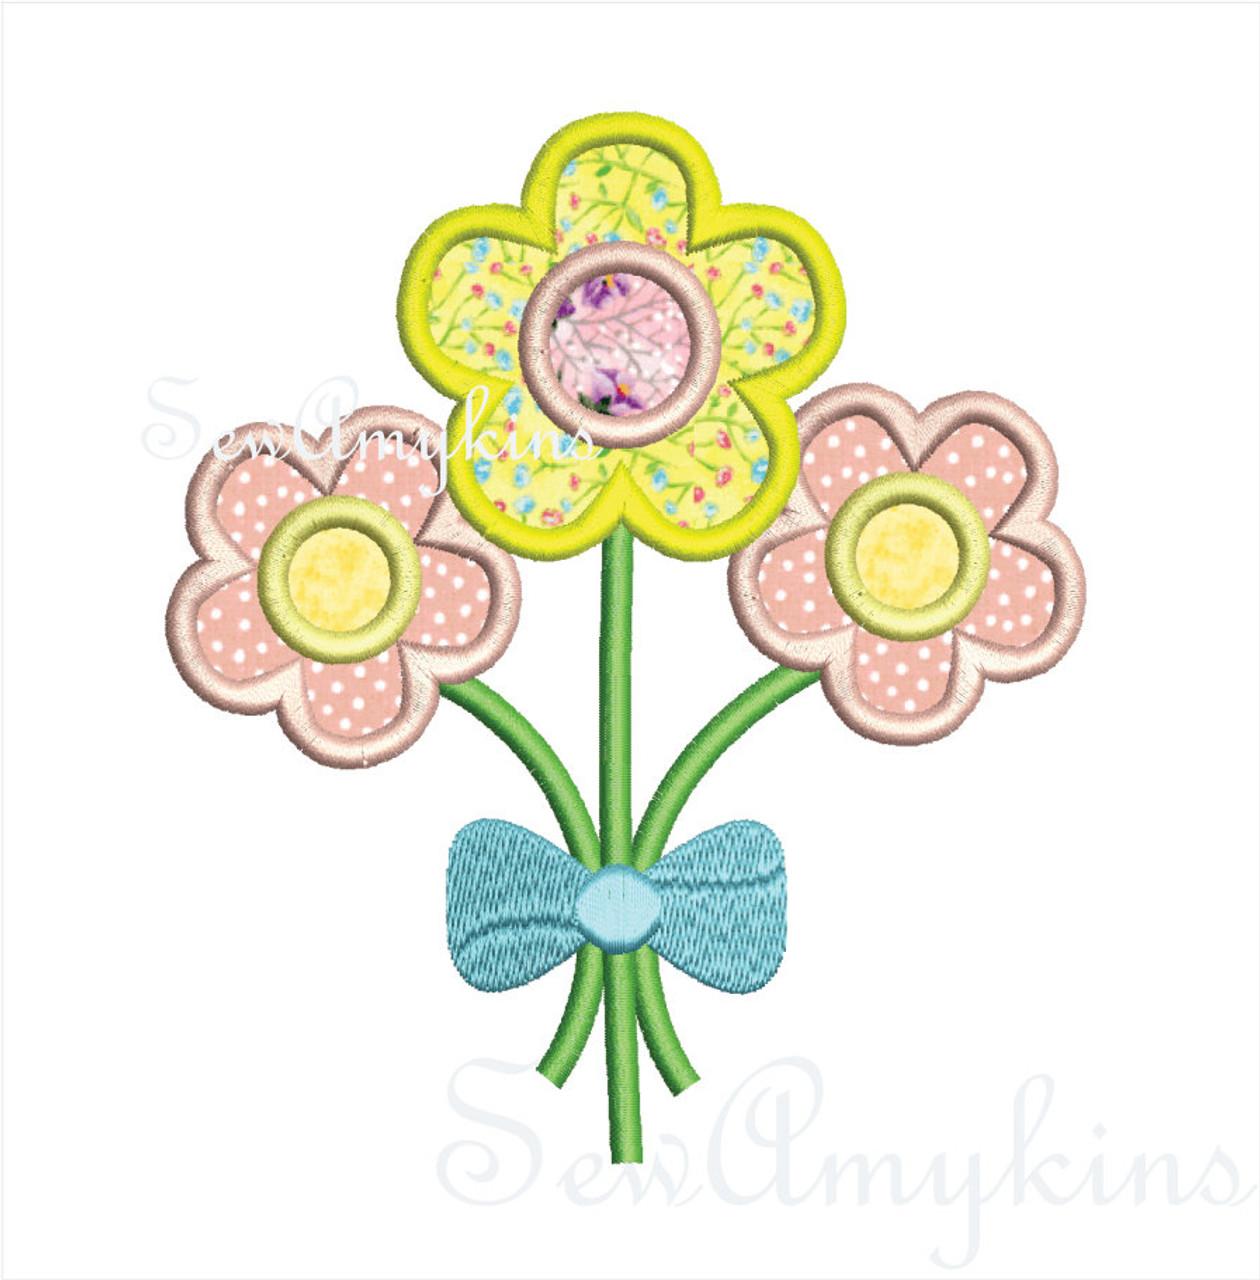 Flower Bouquet Bunch daisies - SewAmykins